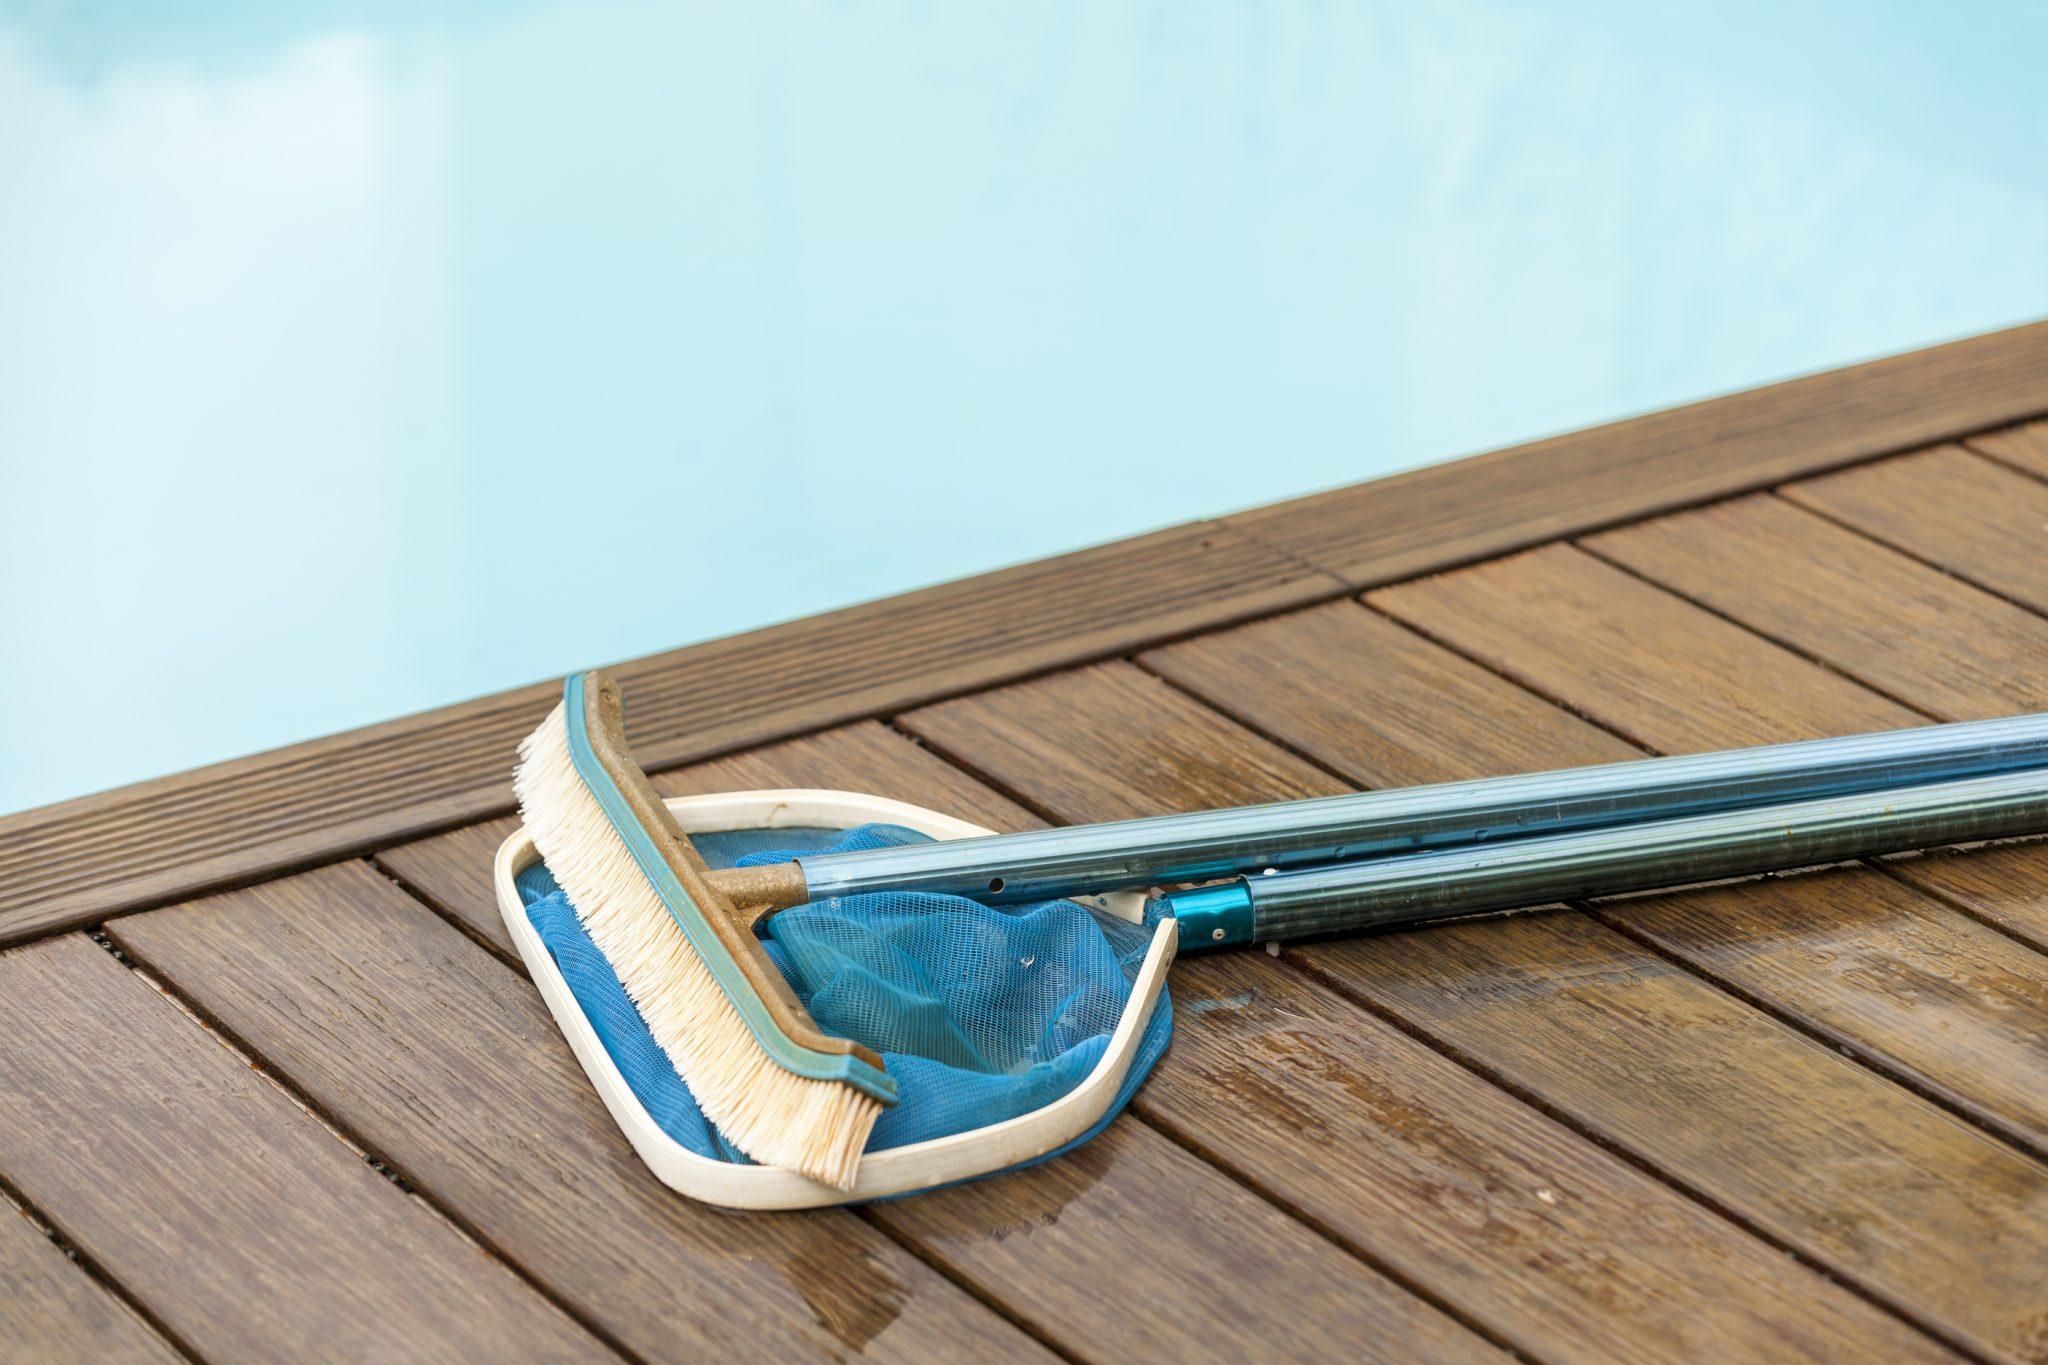 cepillo y recogehojas de piscina